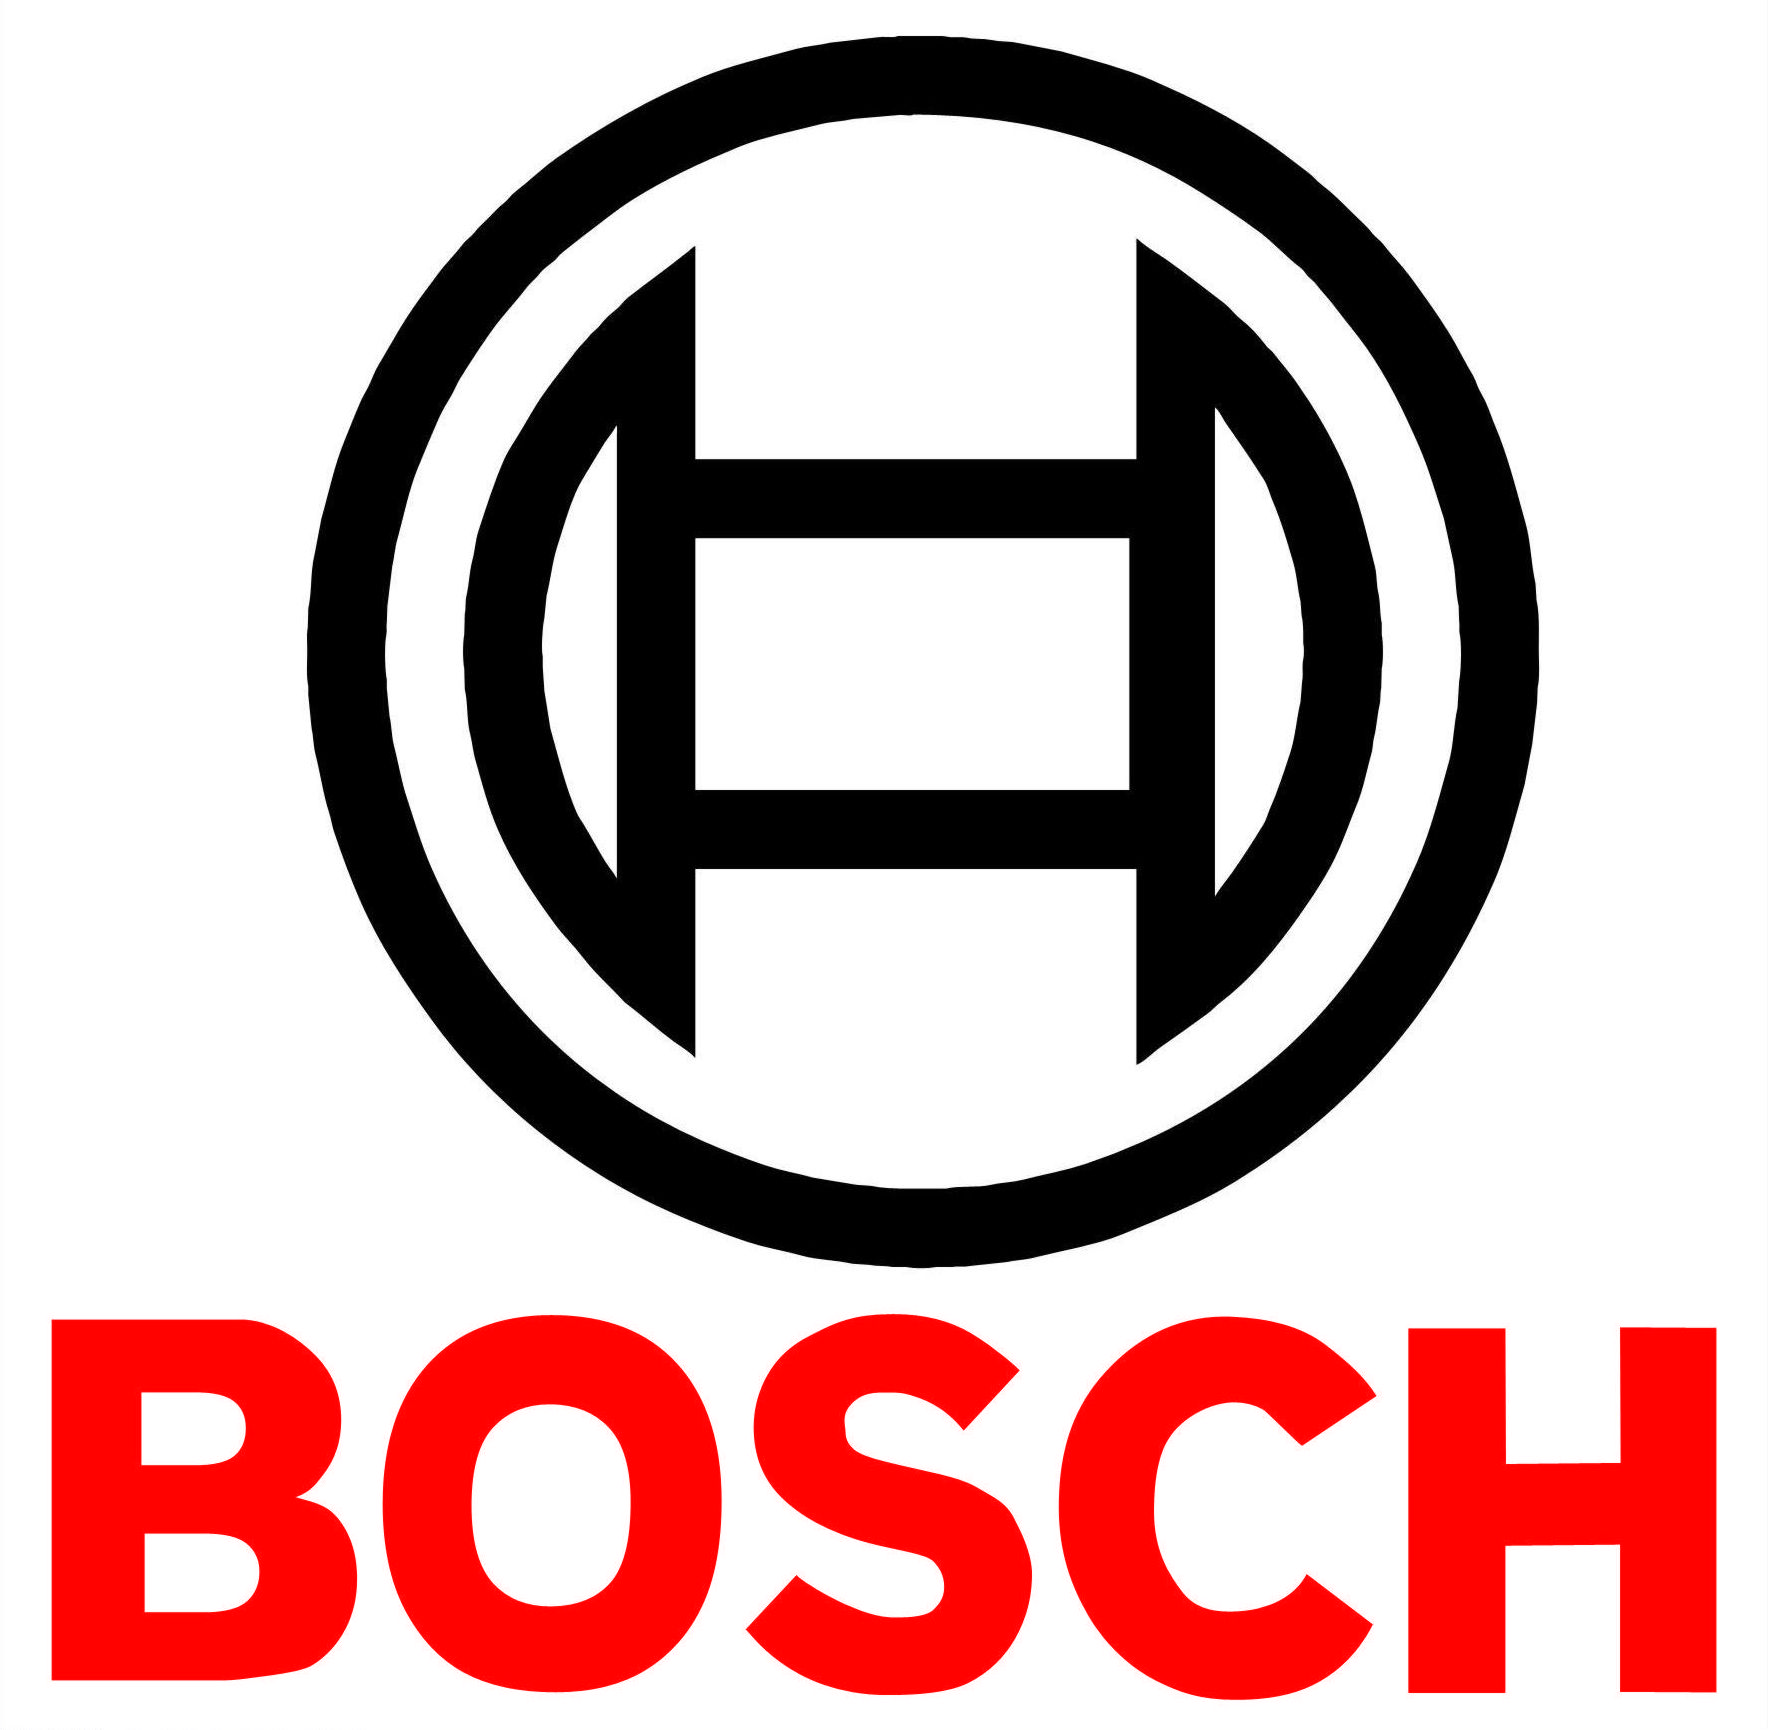 Bosch logo 3D Wallpaper